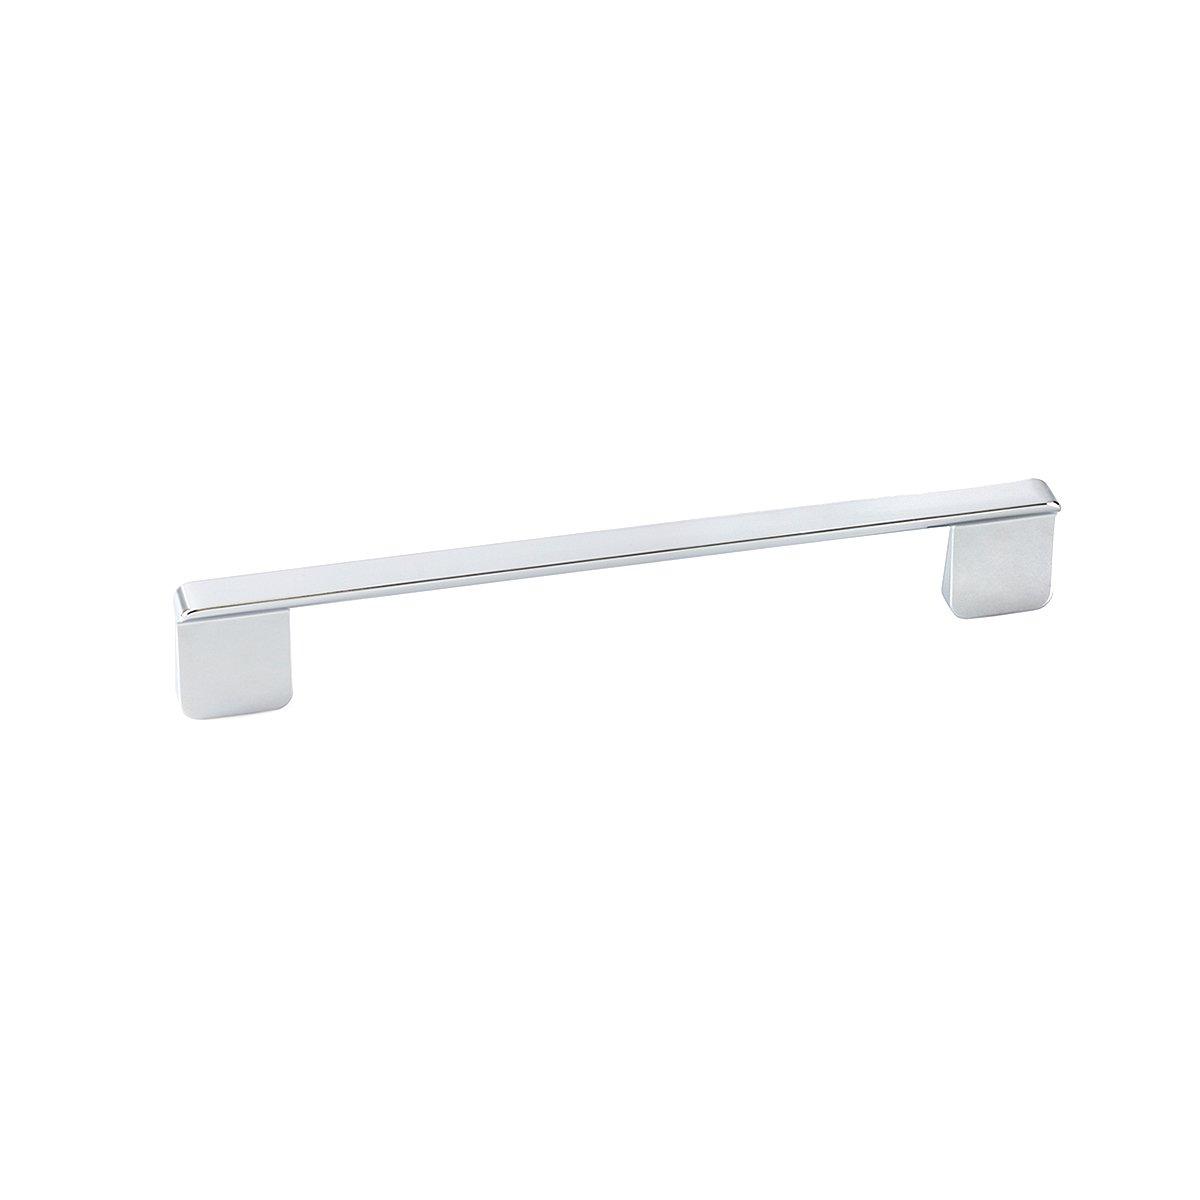 Slim Chrome rectangular pull